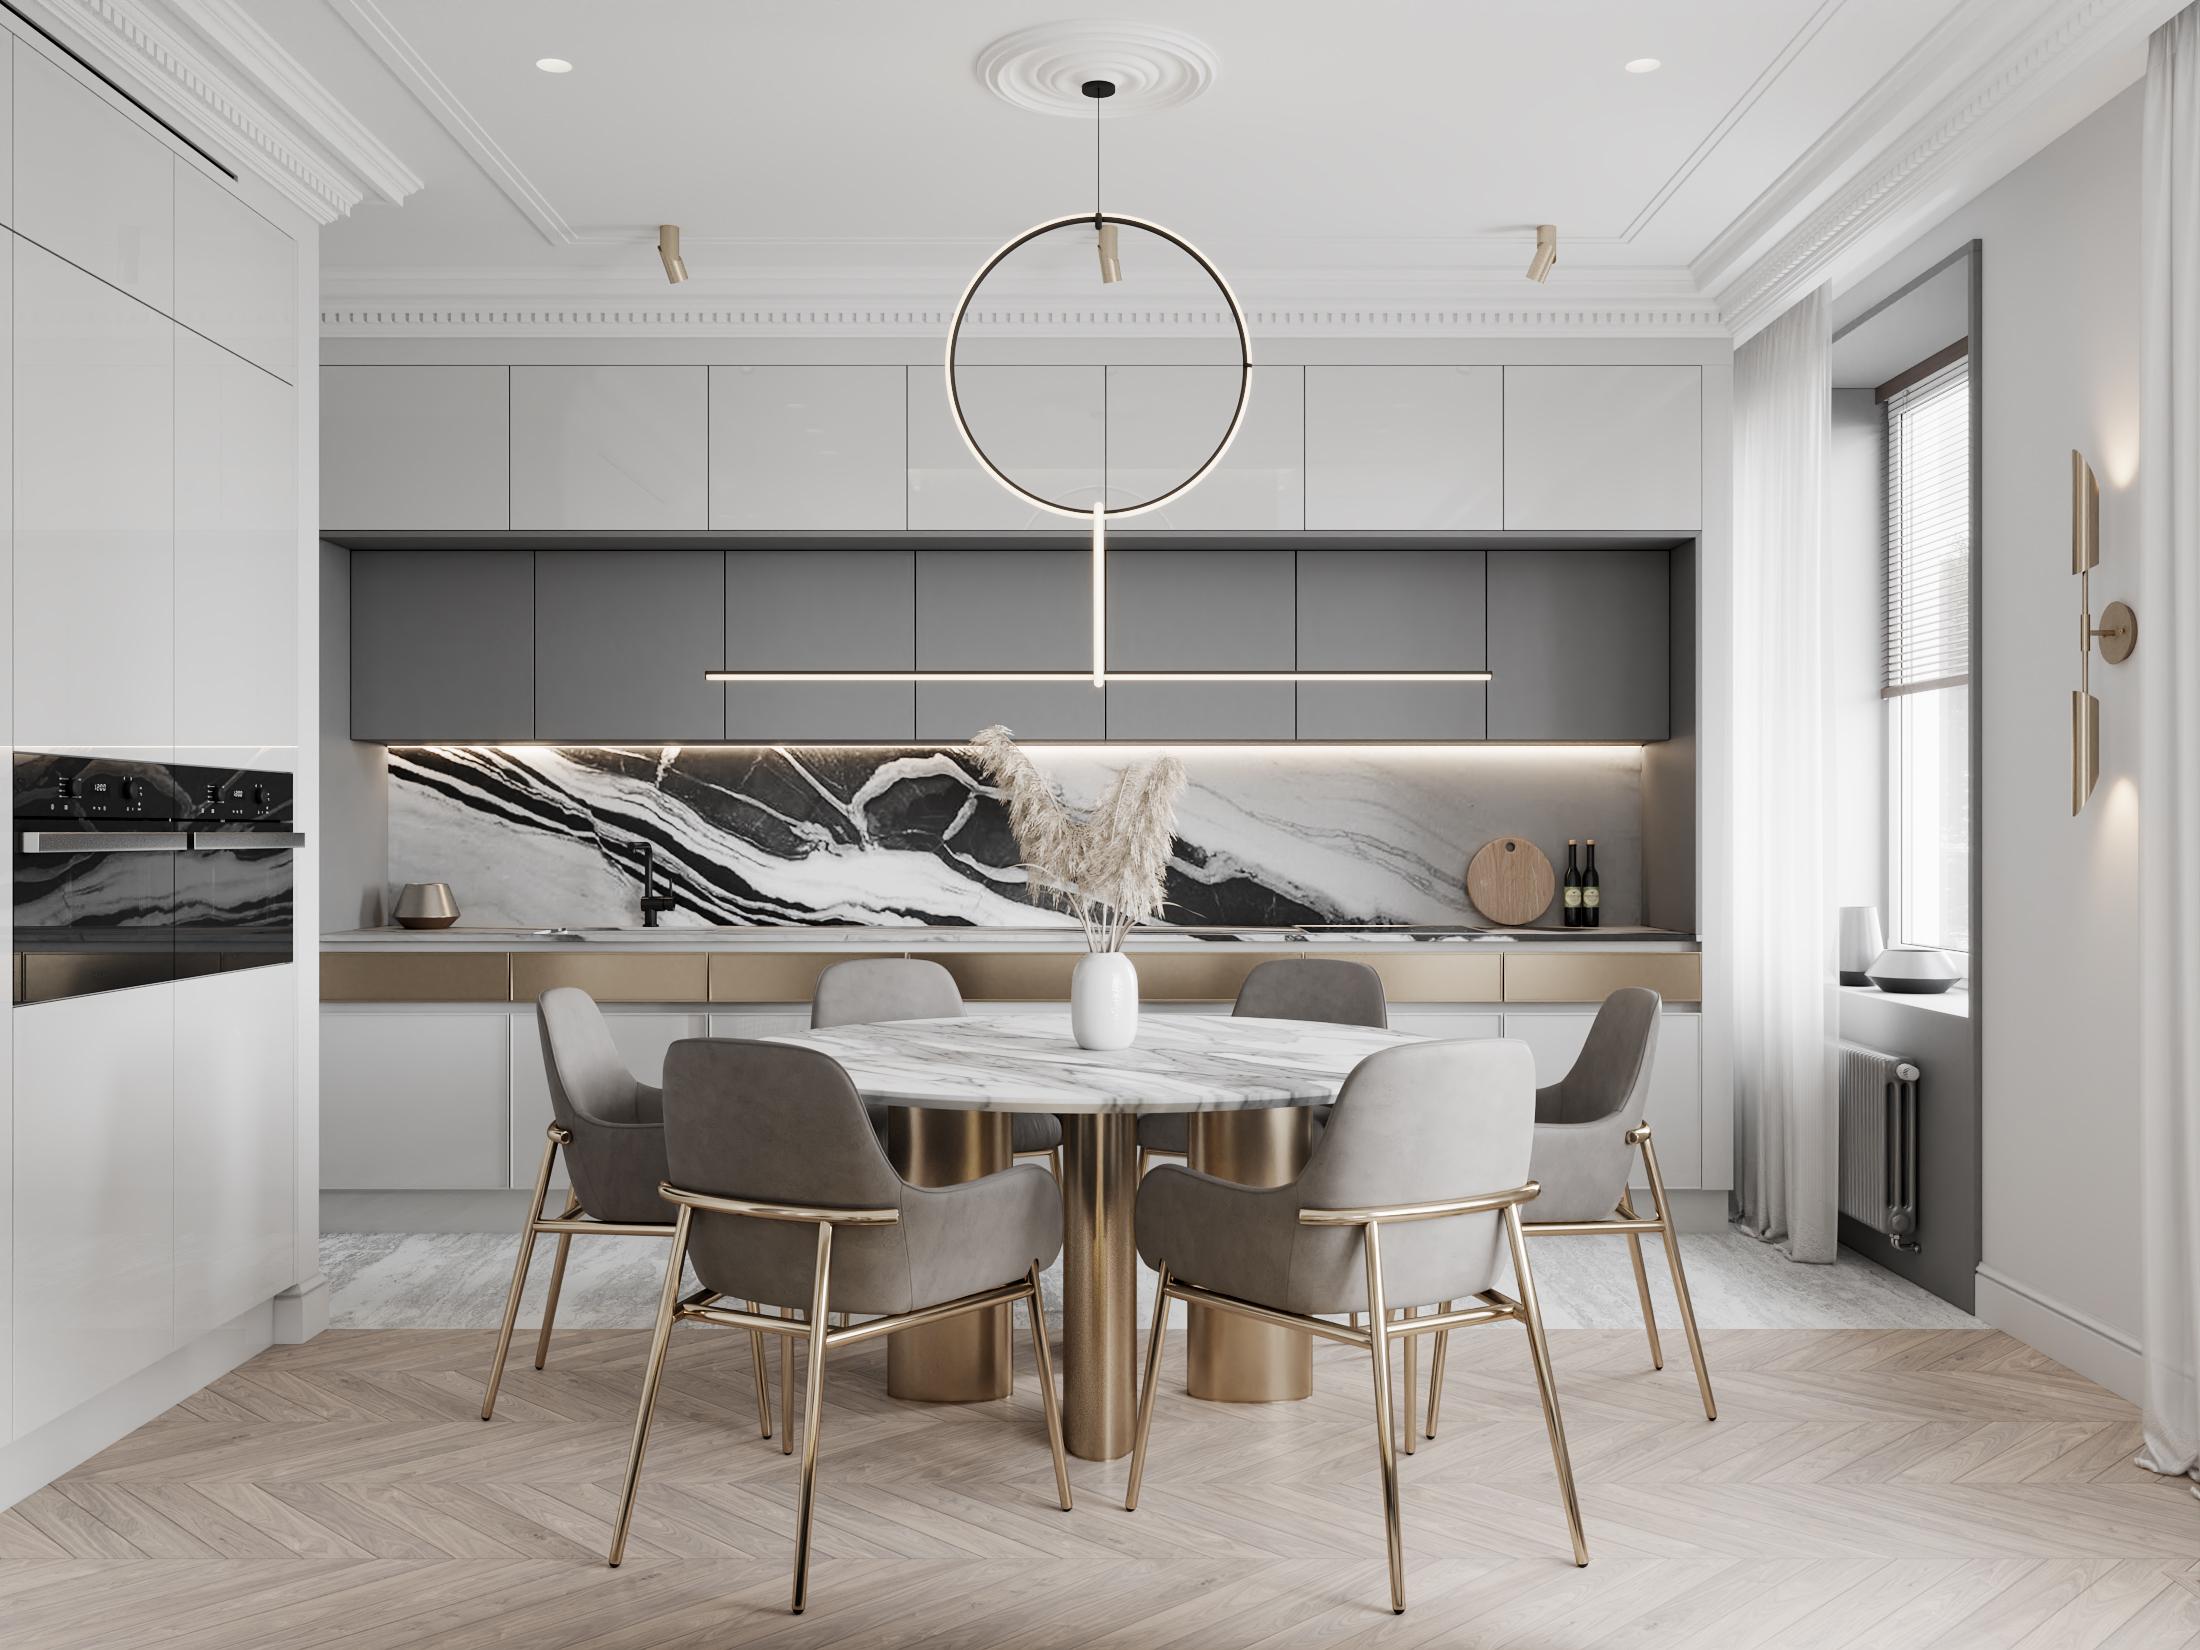 DE & DE Incredible Dining Room Designs By A Top Design Studio_1